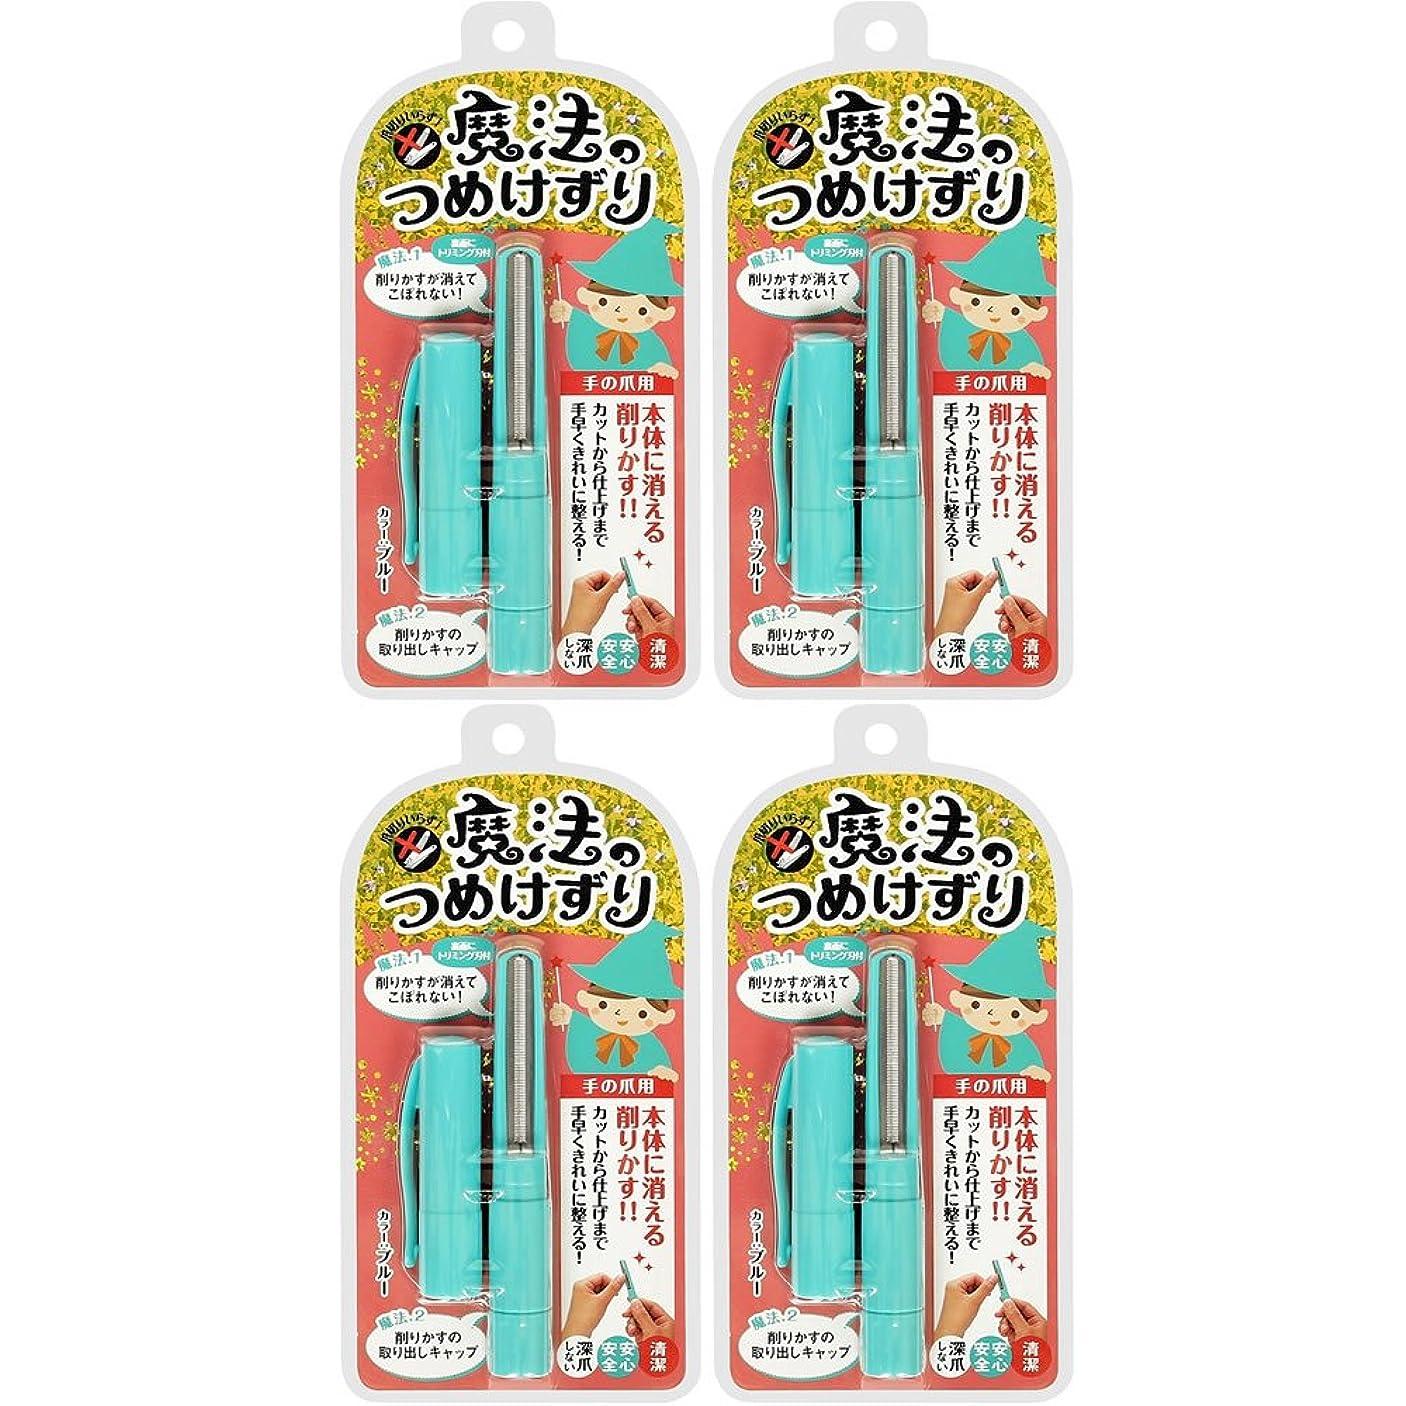 言い聞かせる名門不純【セット品】松本金型 魔法のつめけずり MM-091 ブルー 4個